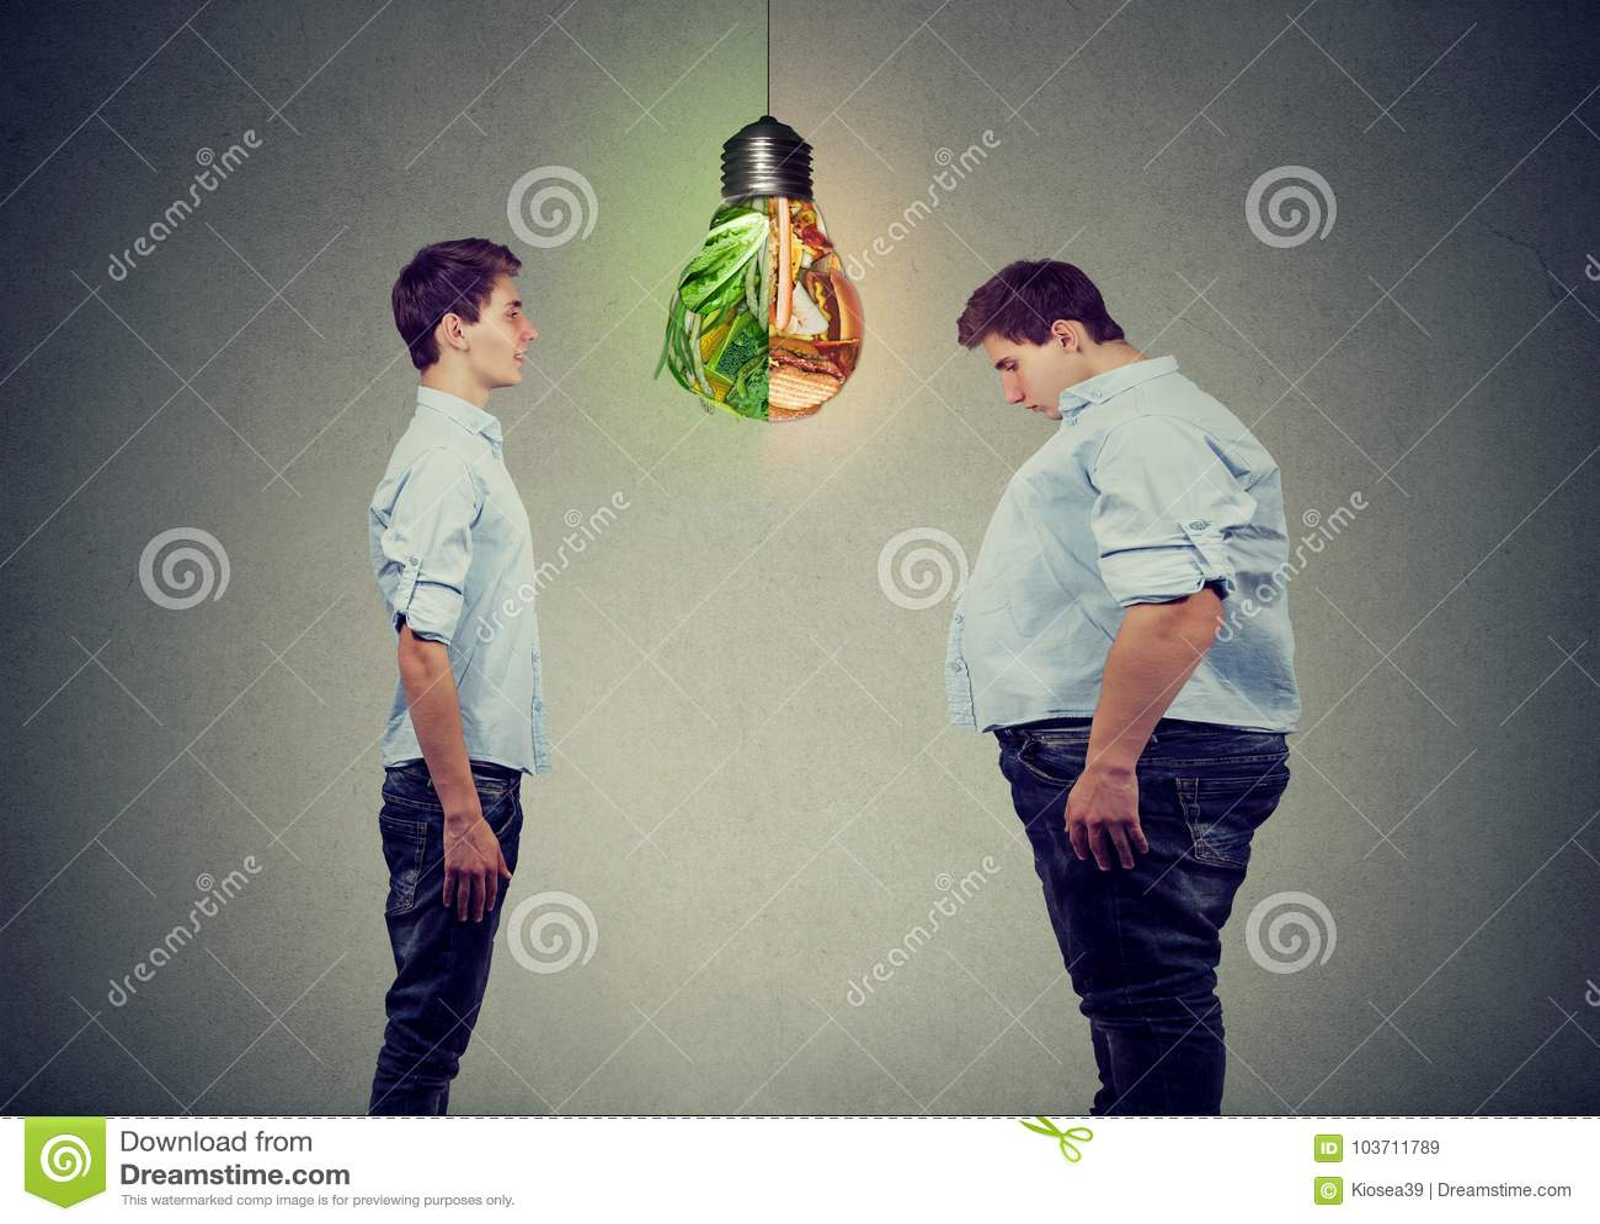 Νέο ευτυχές λεπτό άτομο που εξετάζει το λυπημένο παχύ τύπο ο ίδιος Σωστή έννοια διατροφής επιλογής διατροφής